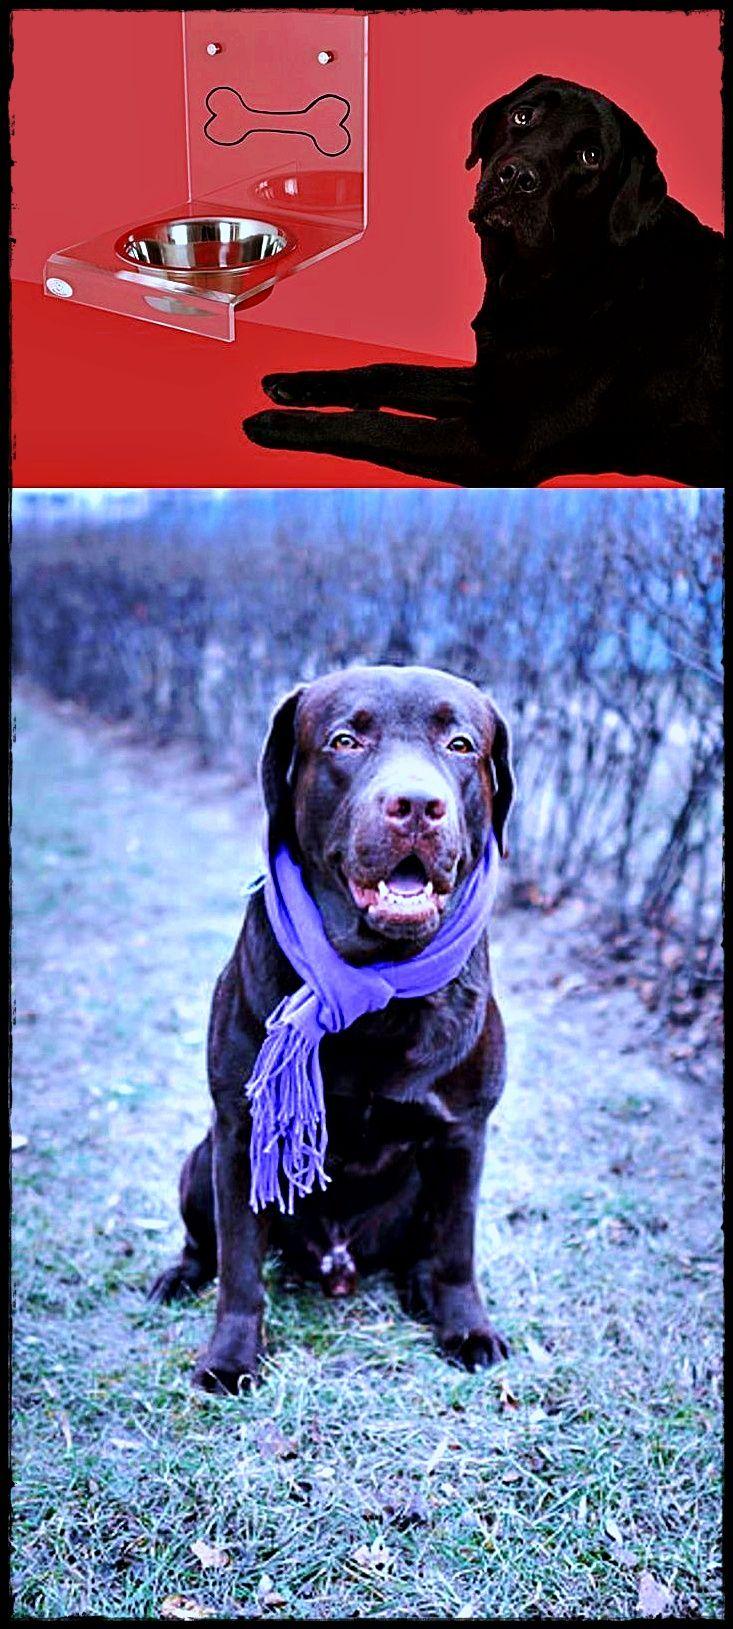 Labrador For Stud Get It Now Labradorbed Labradormeetspuppy Labradordiet Labrador Puppies For Sale Retriever Dog Labrador Rescue